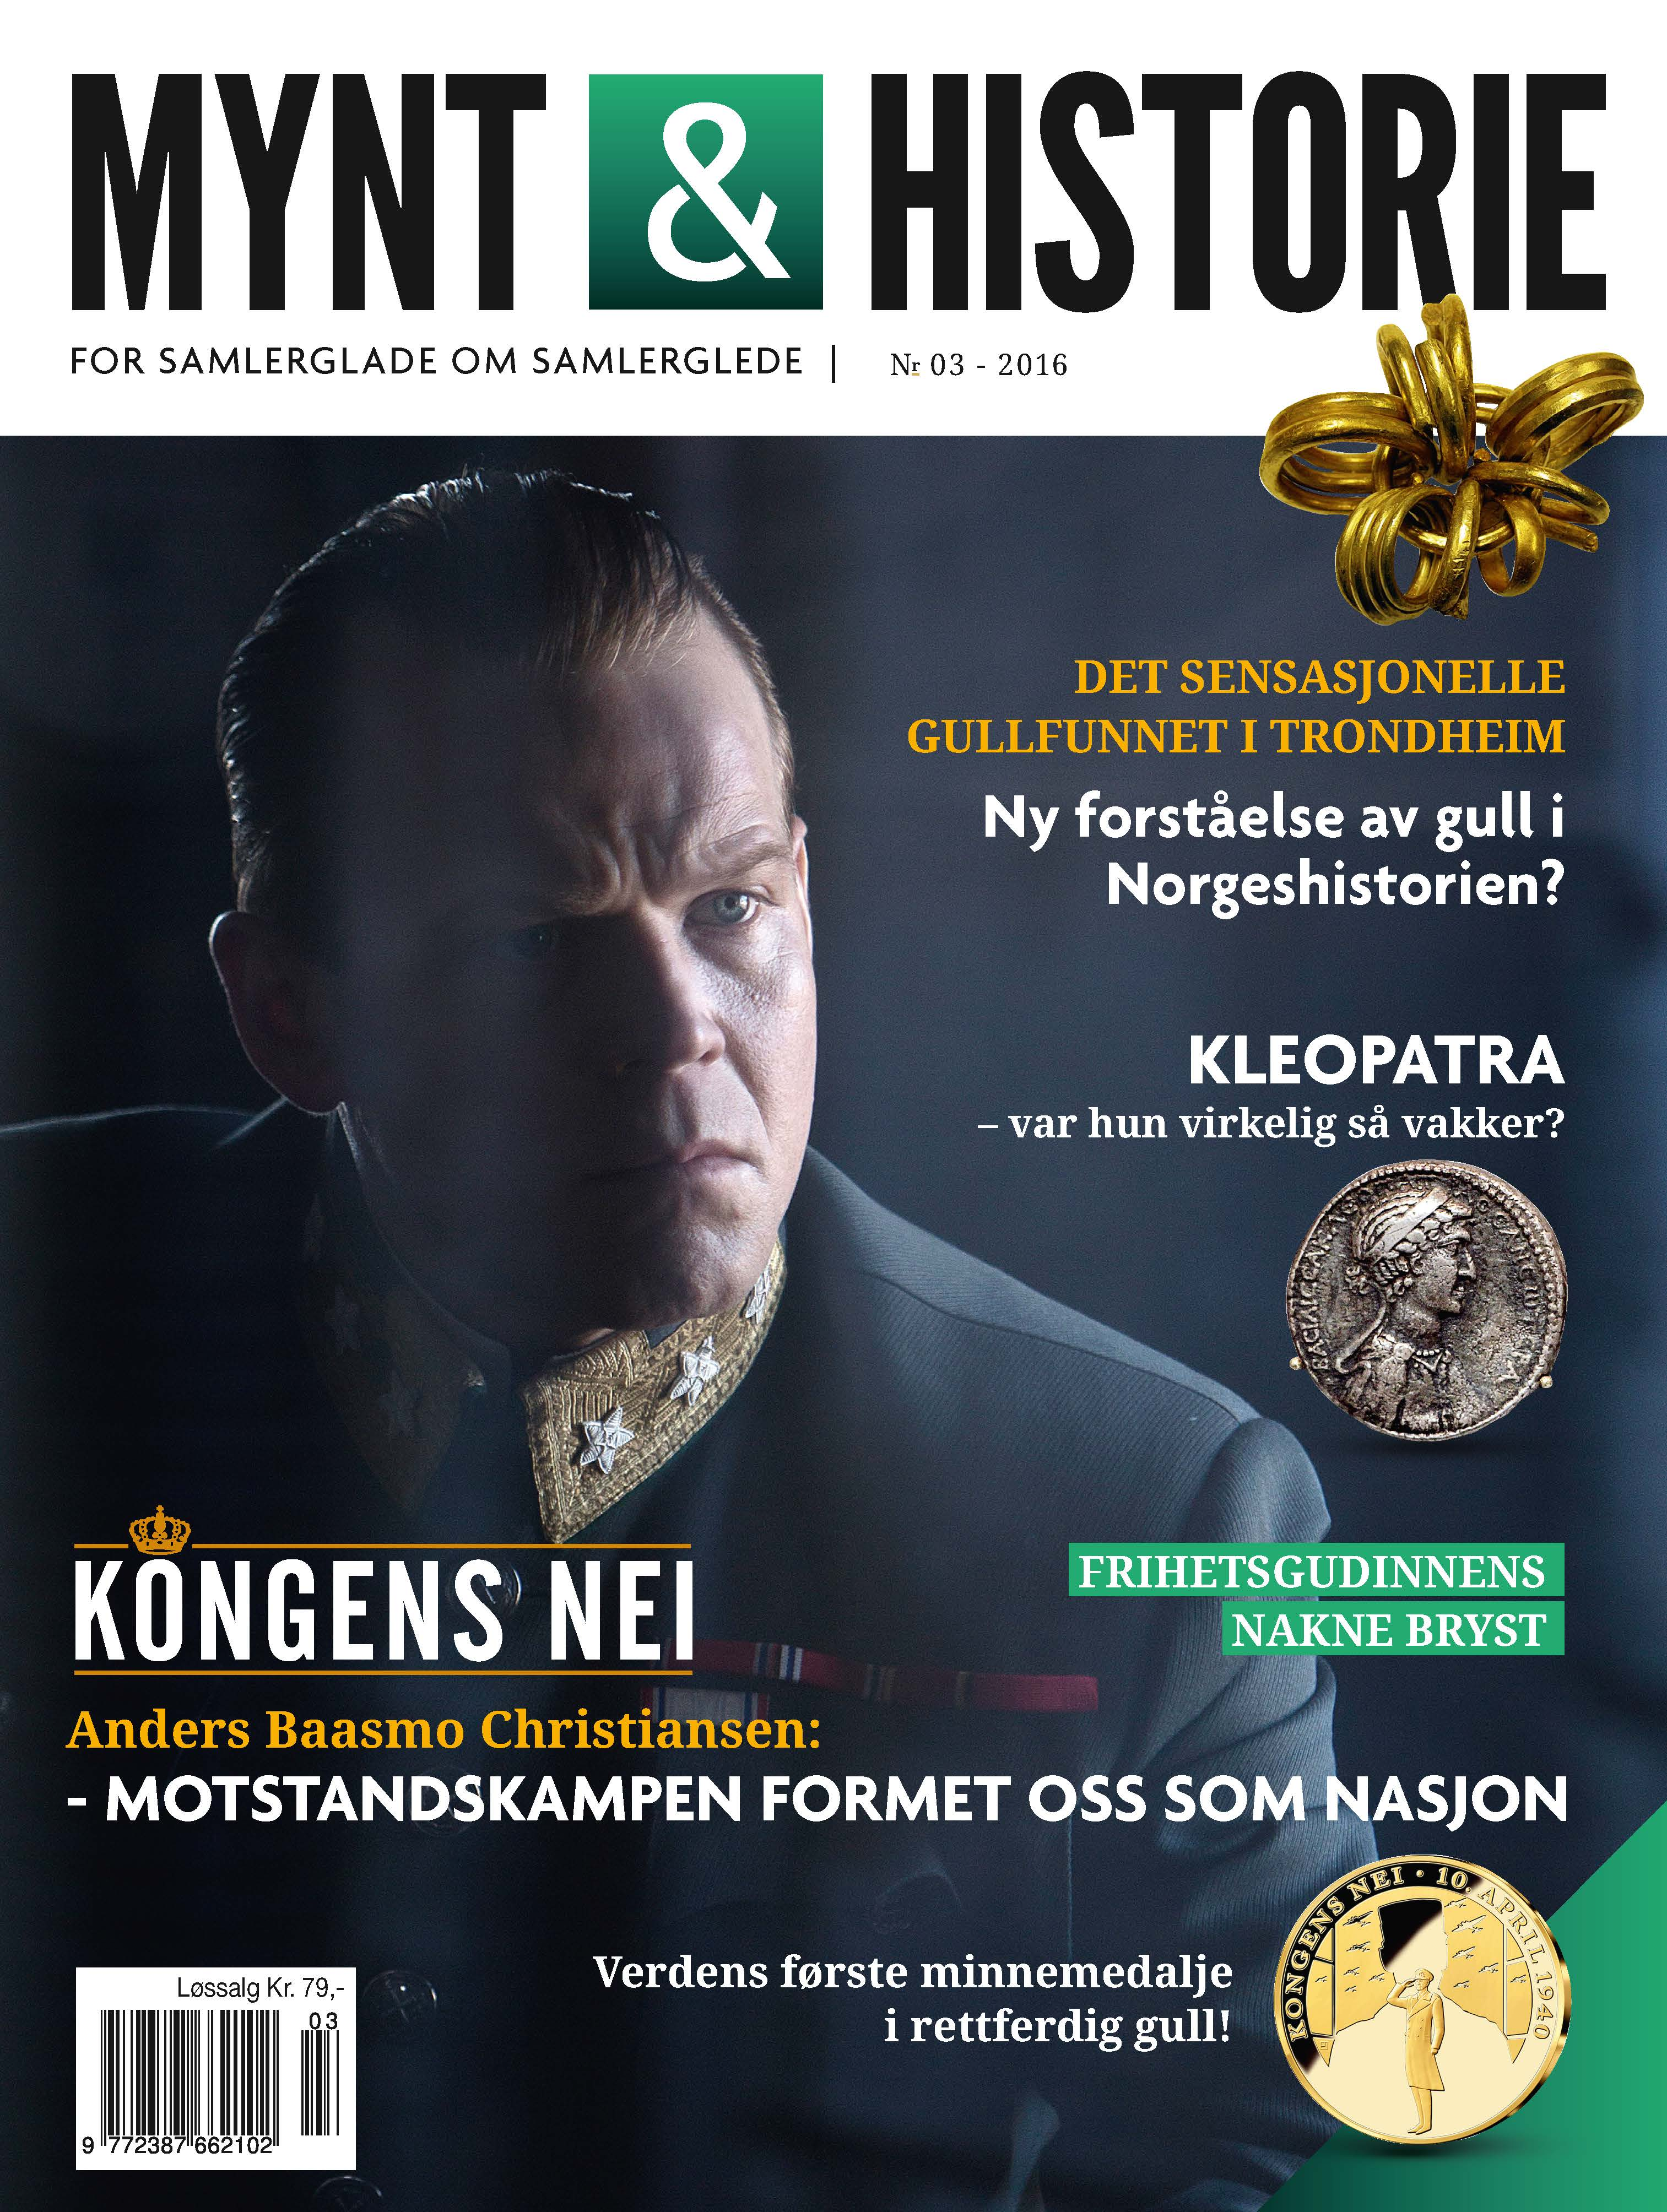 Mynt & Historie 3 2016 med Kongens Nei og Anders Baasmo Christiansen, det sensasjonelle gullfunnet i Trondheim, Kleopatra på mynter og verdens første minnemedalje i rettferdig gull